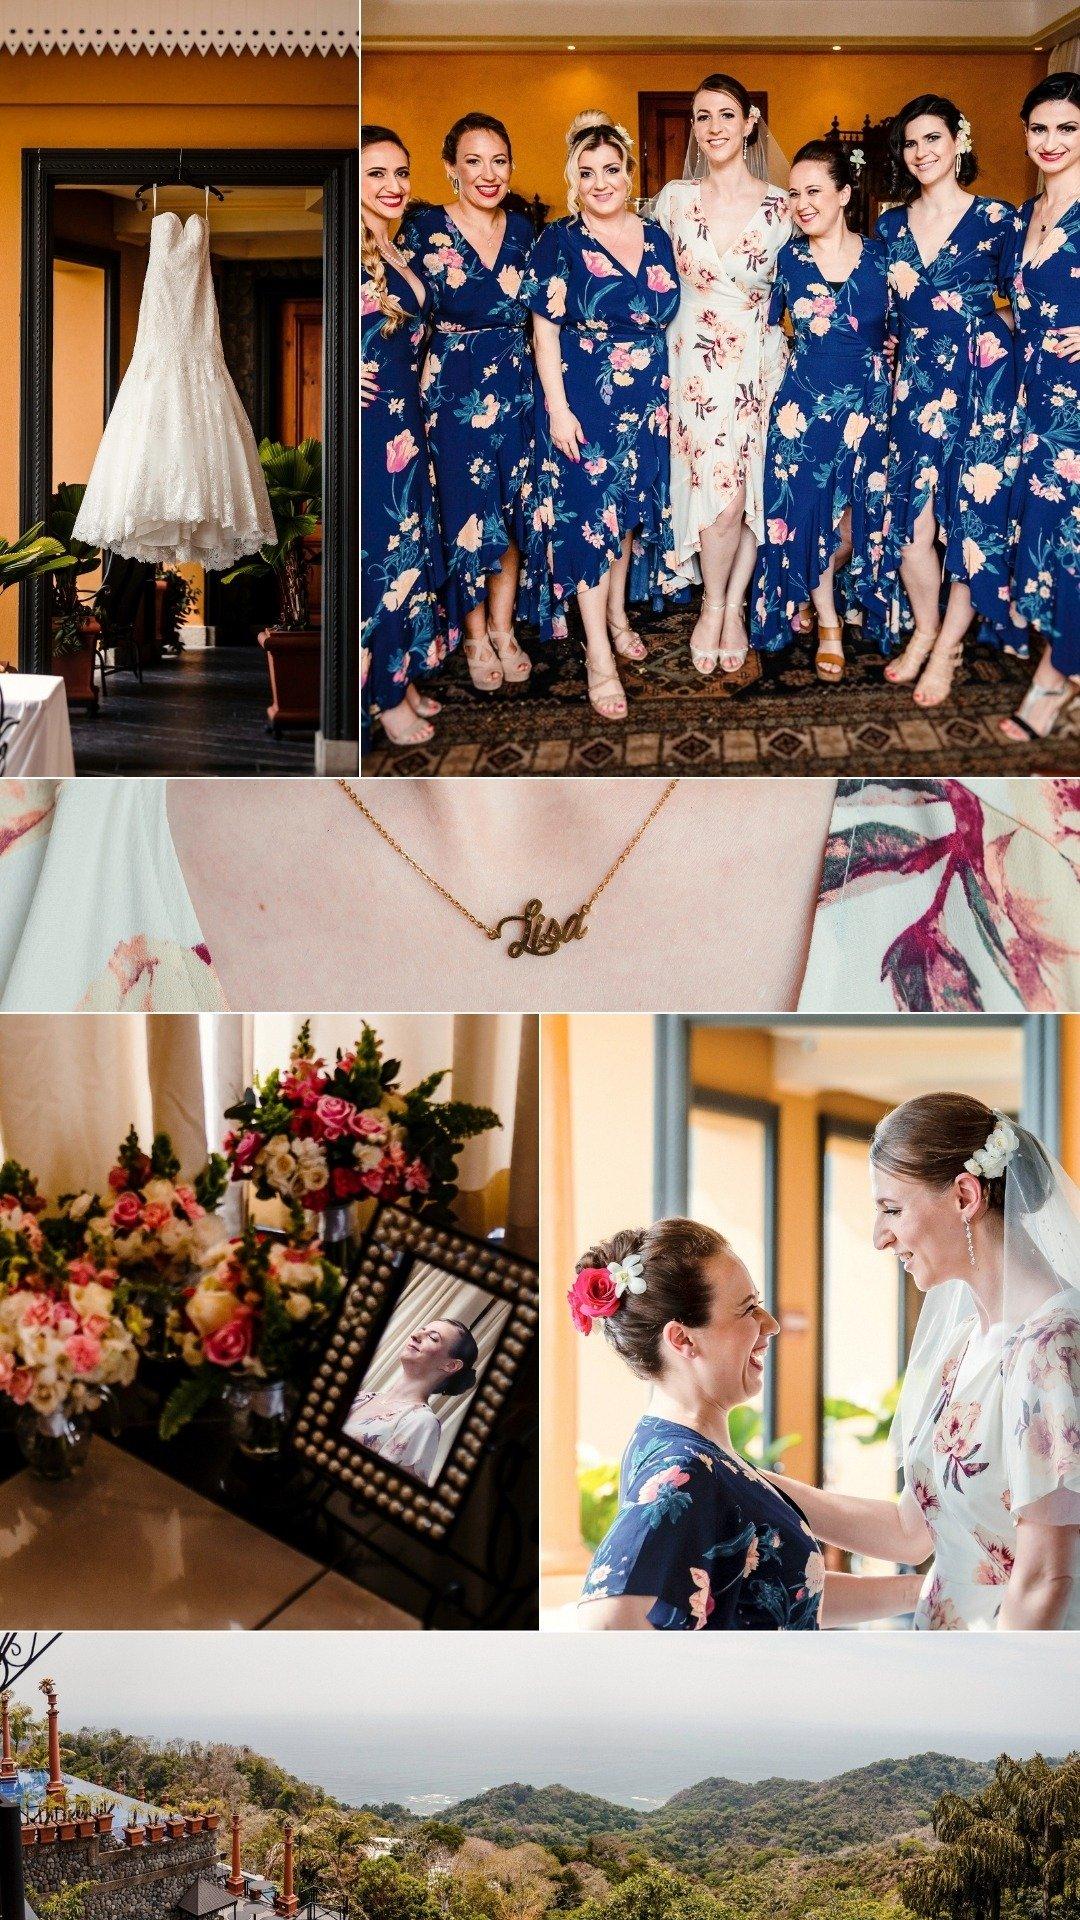 zephyr Palace hotel wedding morning